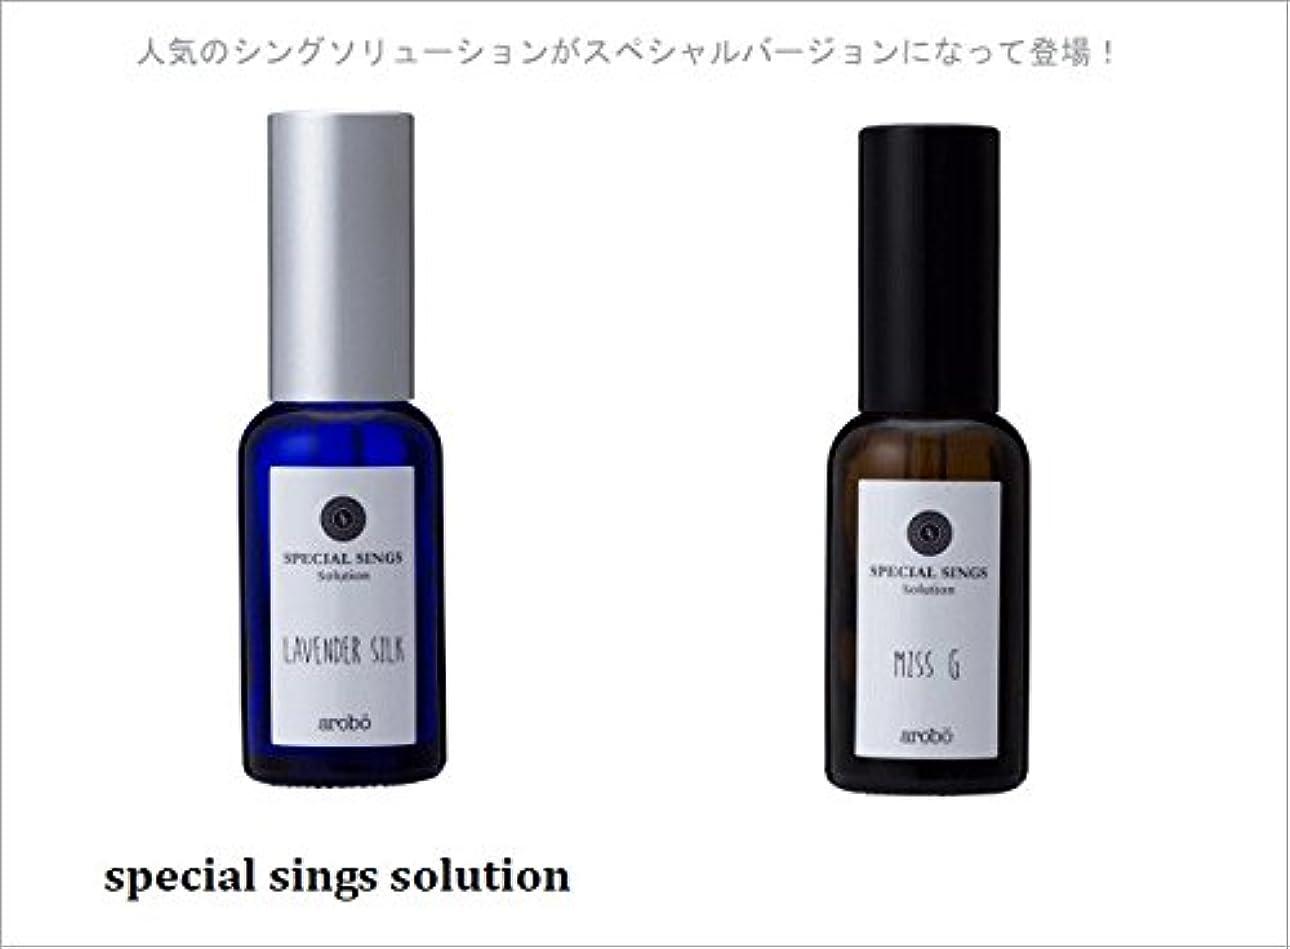 墓地不道徳囲まれたarobo(アロボ) 専用ソリューション CLV- 831 Lavender Silk